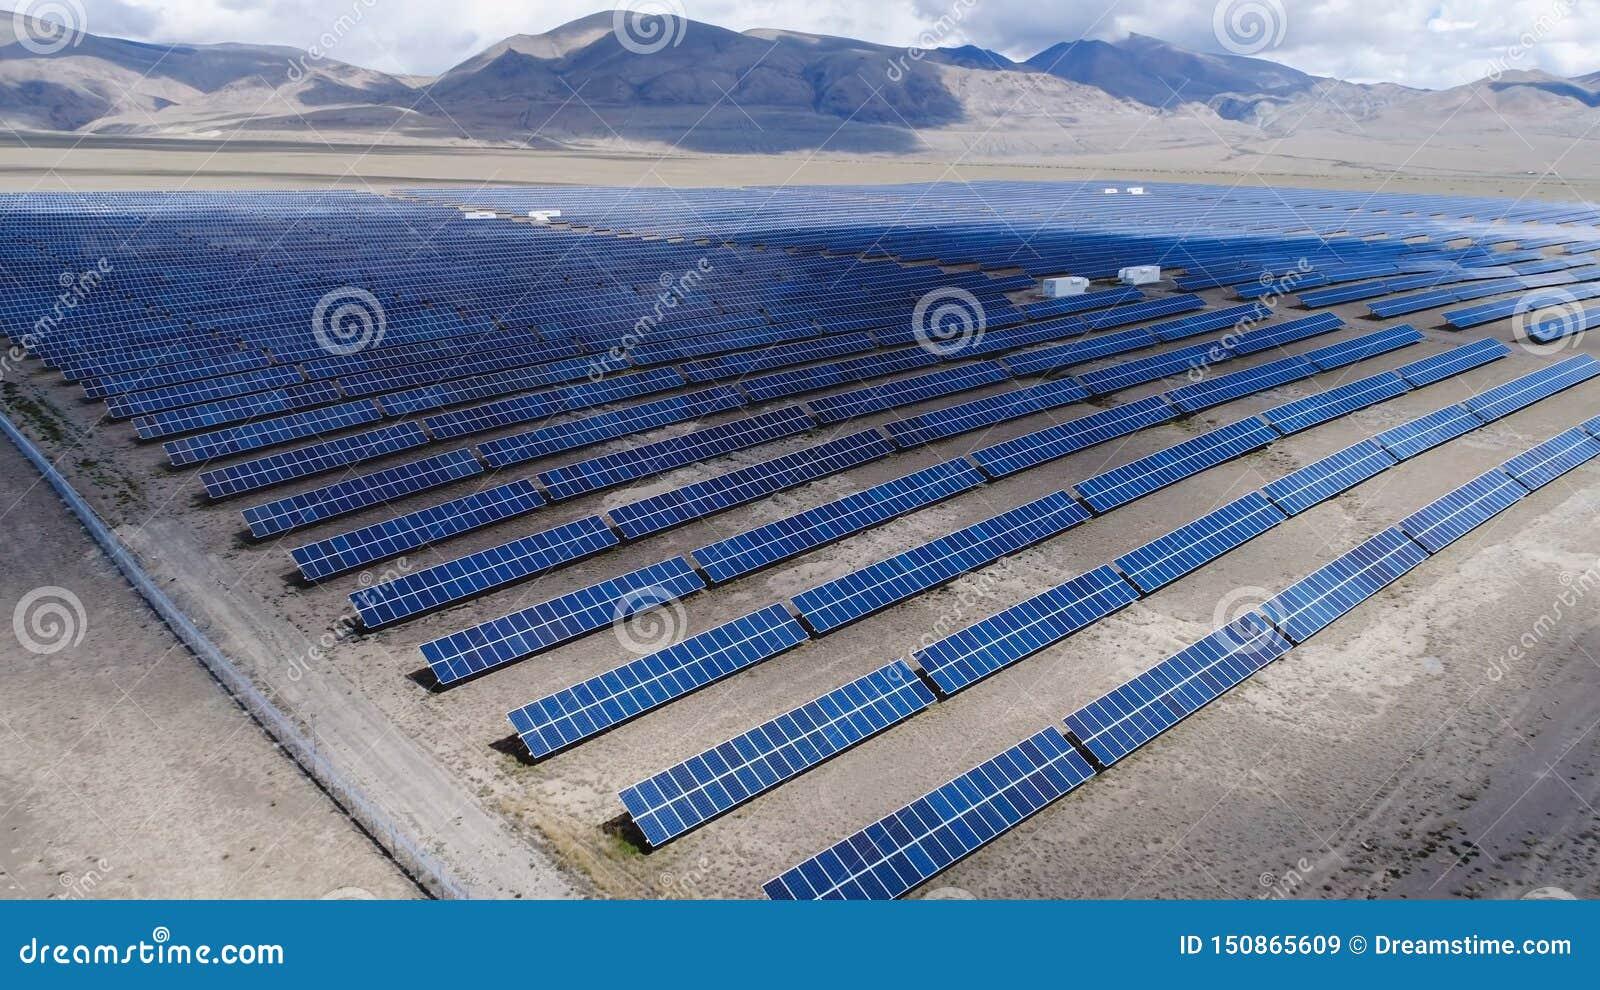 Planta de energias solares em um vale perto das montanhas